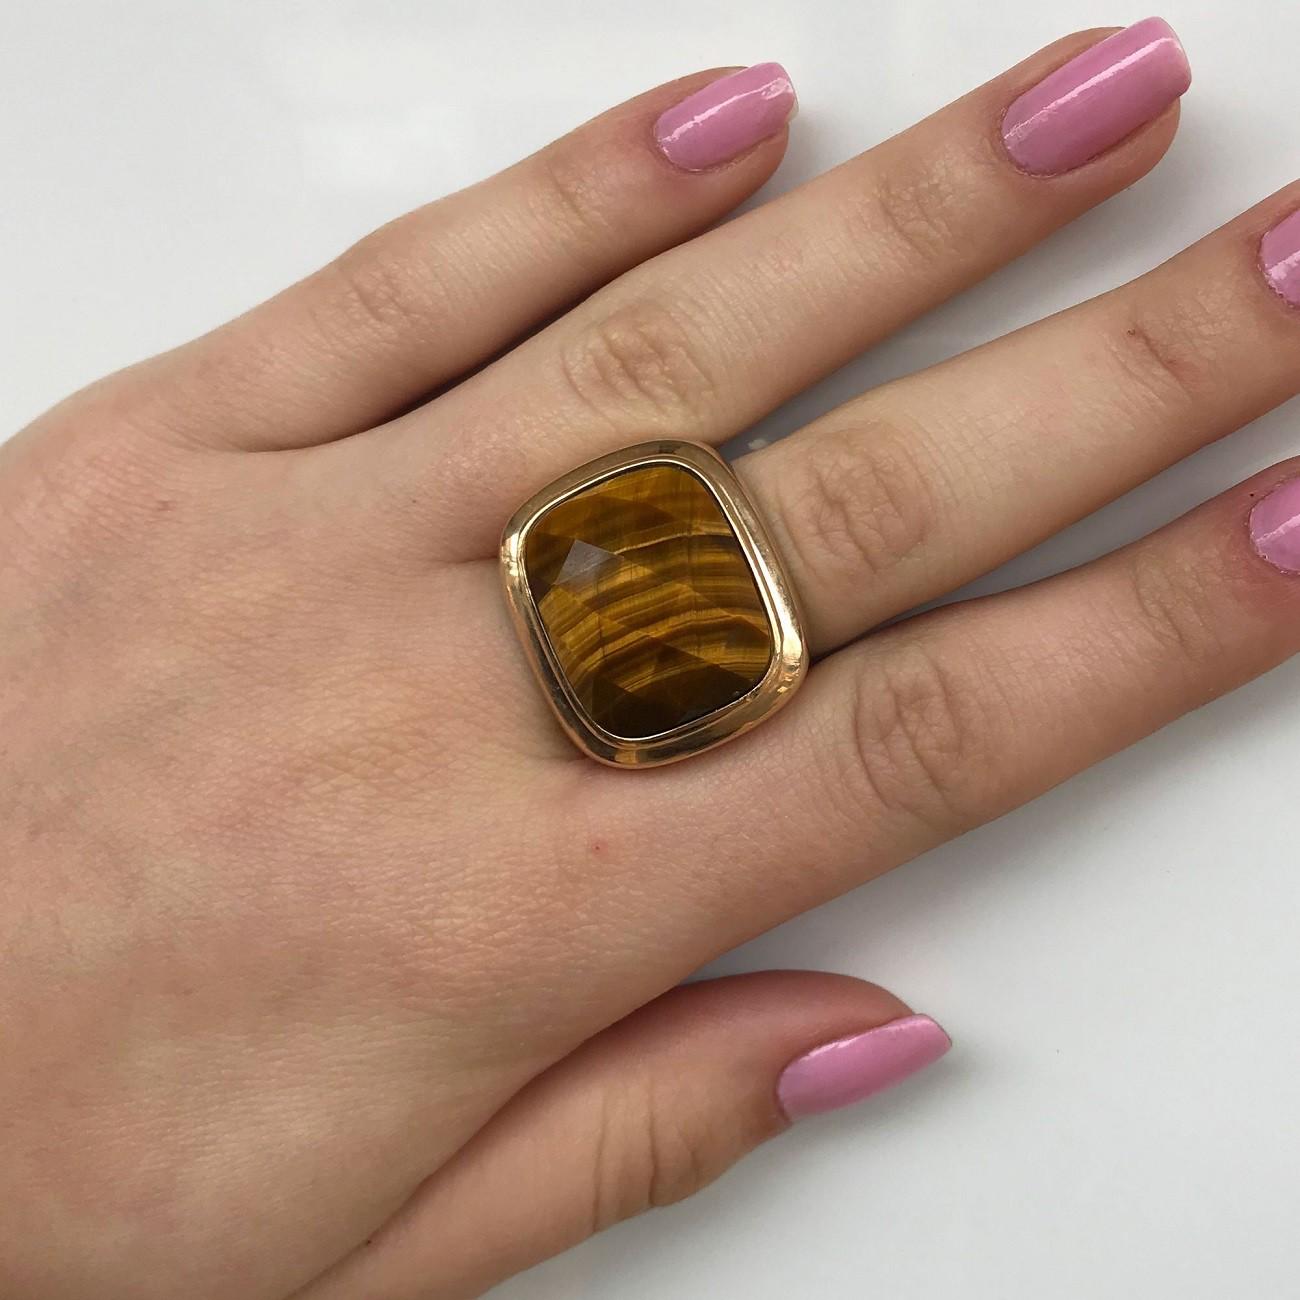 Anel Feminino de Pedra Olho de Tigre Banhado à Ouro 18k